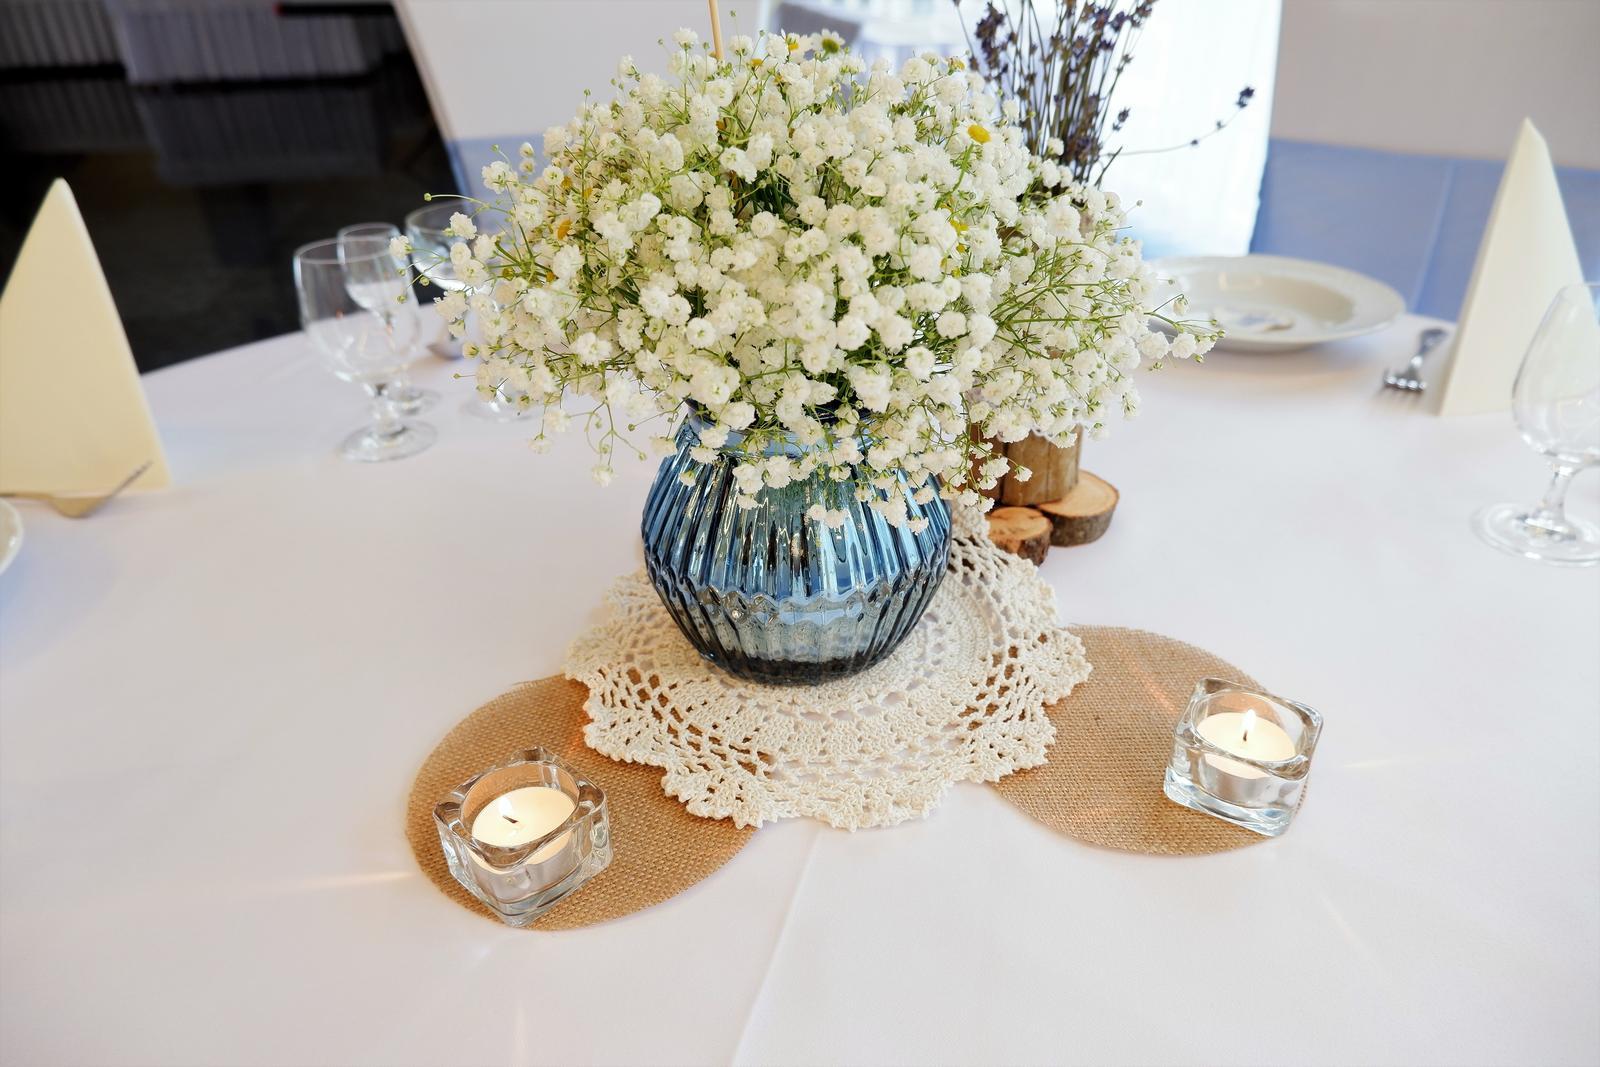 modré zrkadlové vázy - Obrázok č. 1